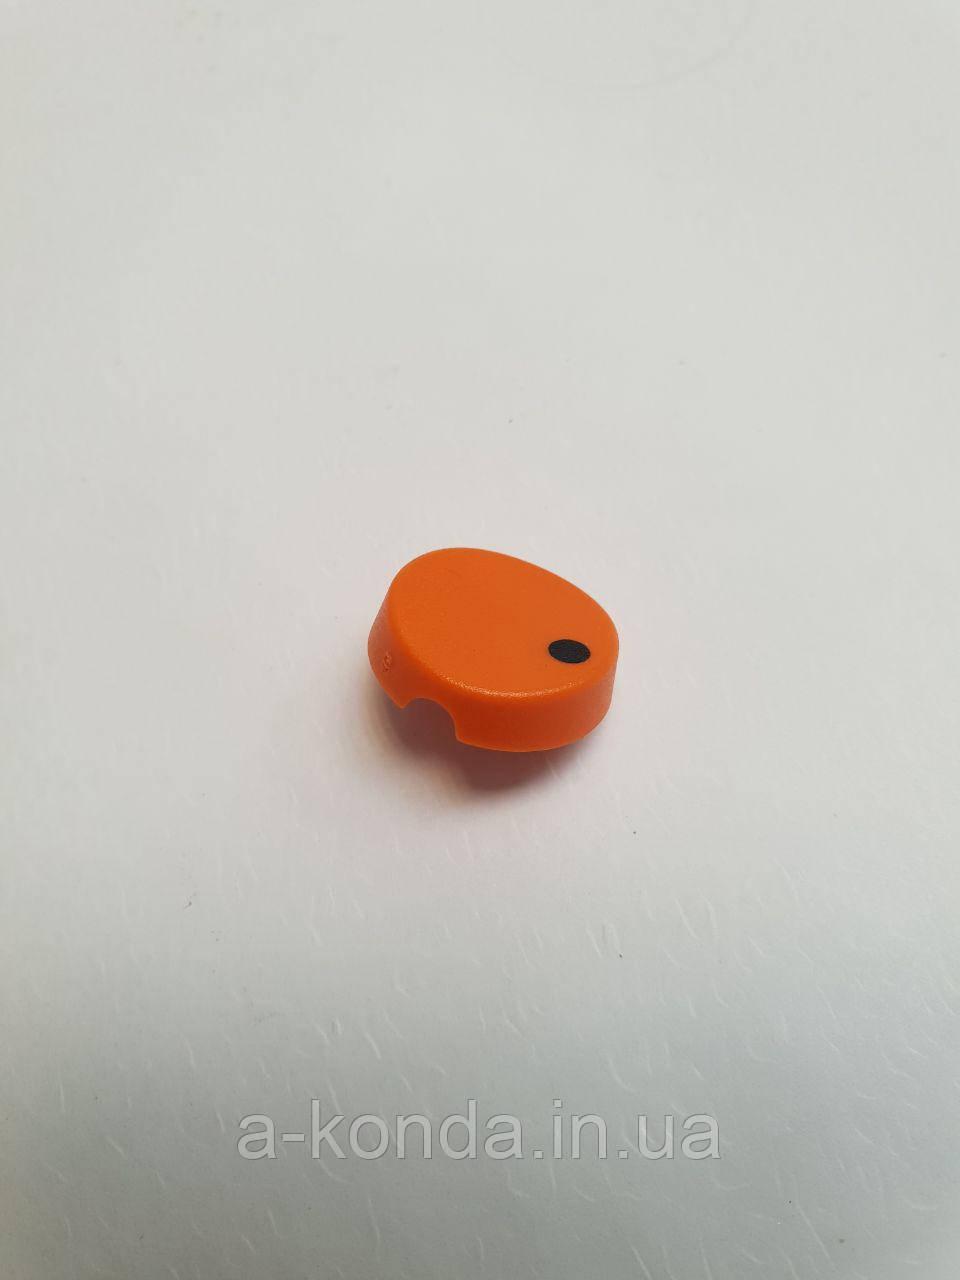 Кнопка турбо для соковижималок Zelmer 476